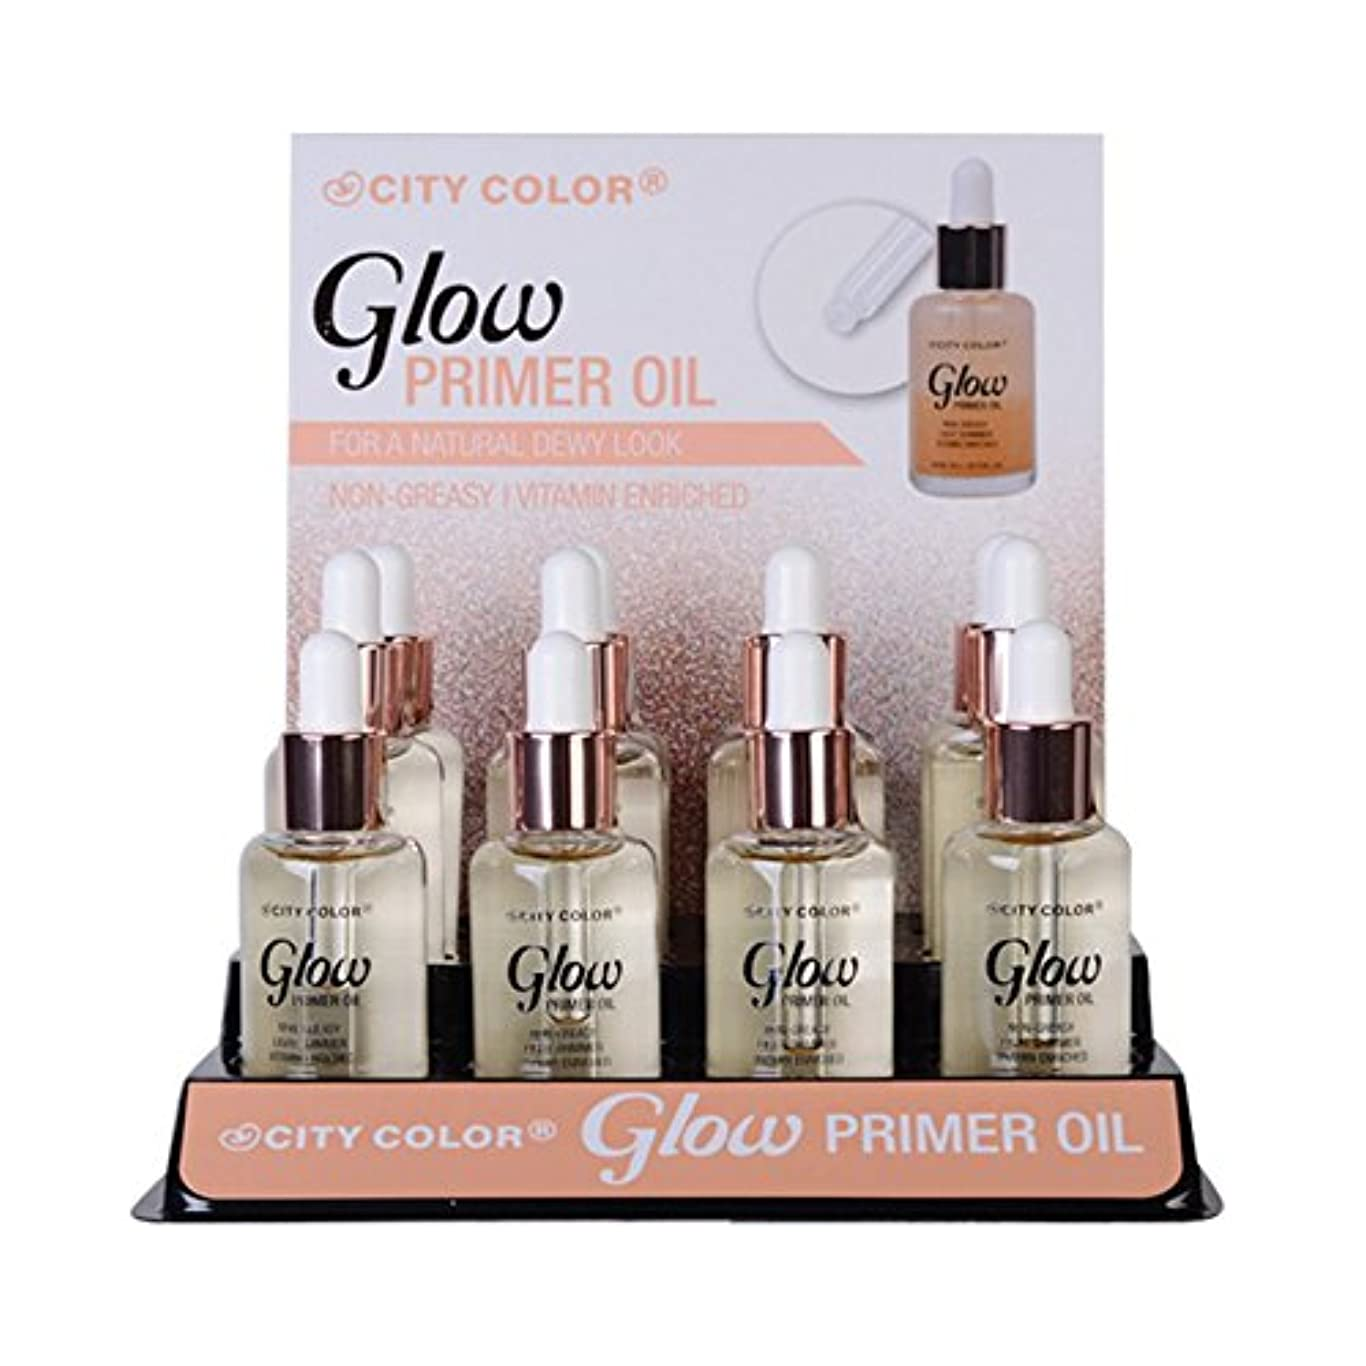 神経衰弱お別れ北米CITY COLOR Glow Primer Oil Display Set, 12 Pieces (並行輸入品)